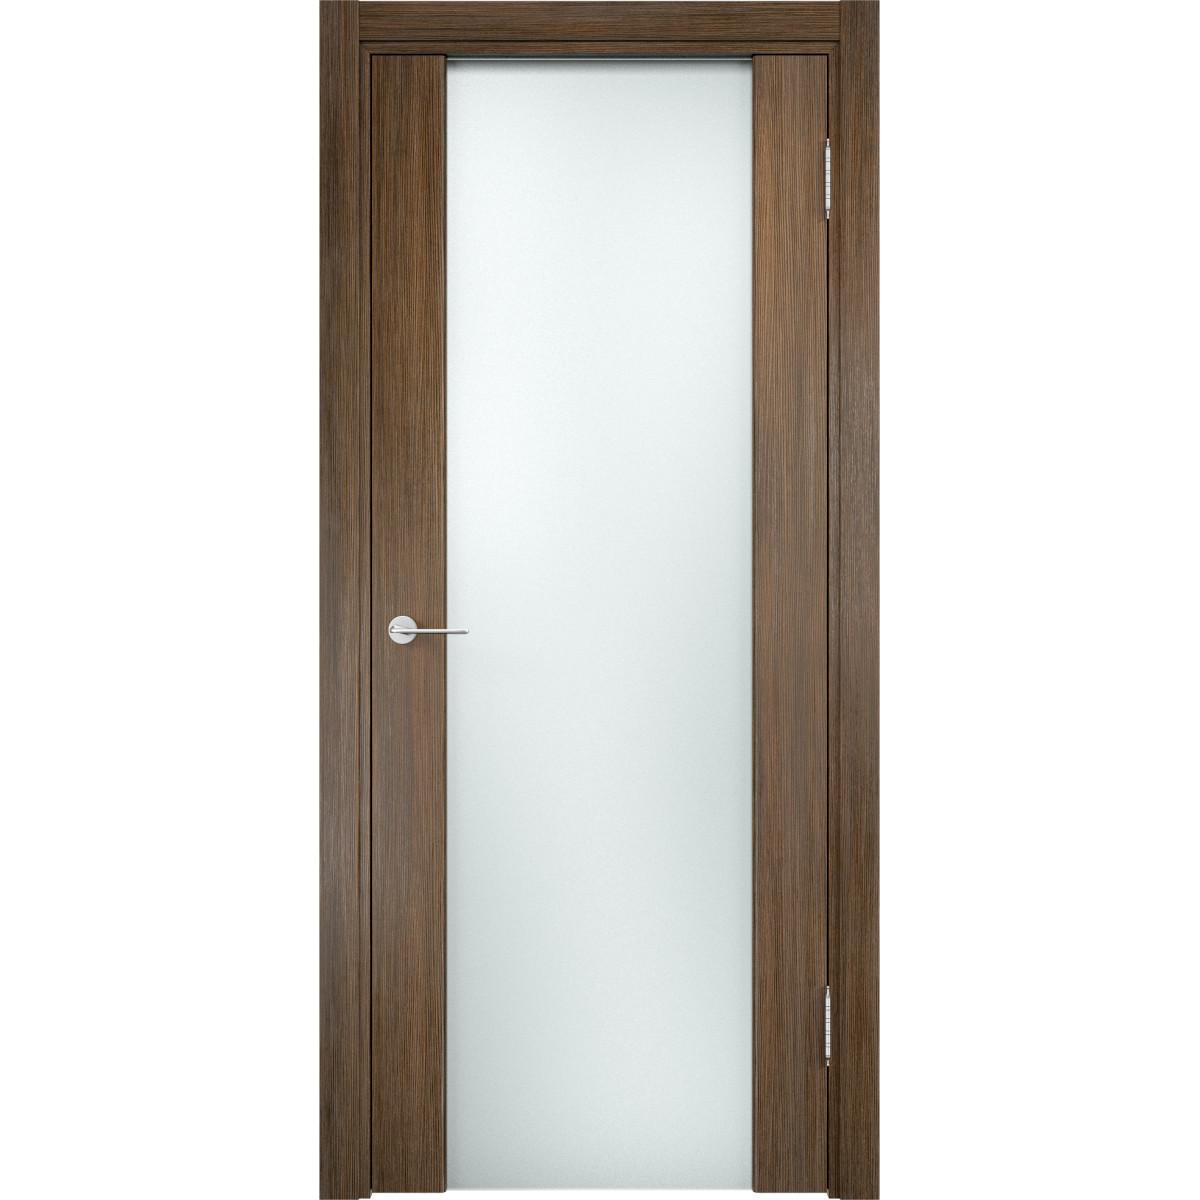 Дверное полотно Casaporte Сан-Ремо МП_0191 2000х600х44 мм МДФ